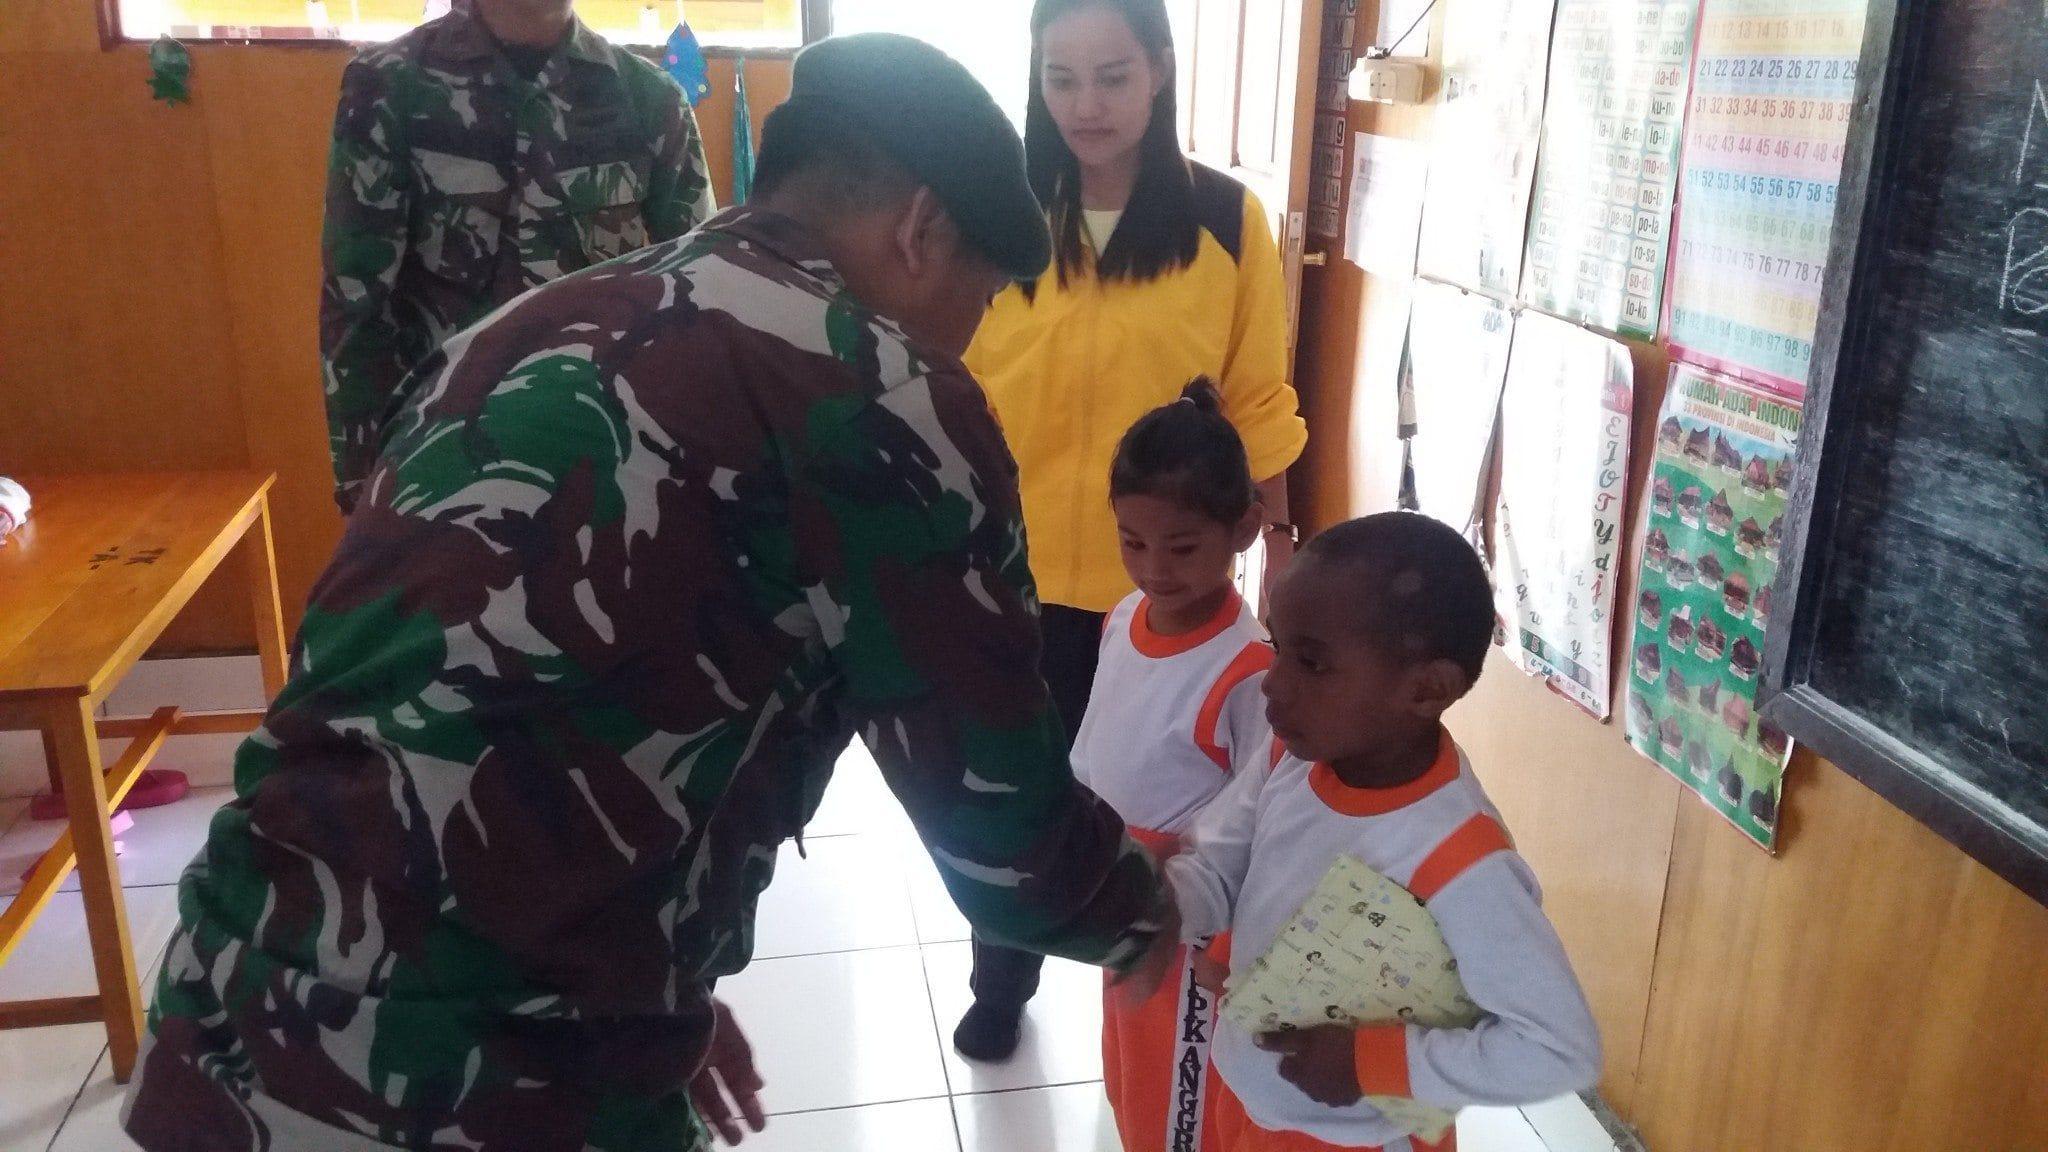 Meriahkan Hari Kasih Sayang di Puncak Jaya, Yonif Raider 509 Kostrad Mengadakan Pembagian Alat Tulis dan Pengobatan Massal Gratis